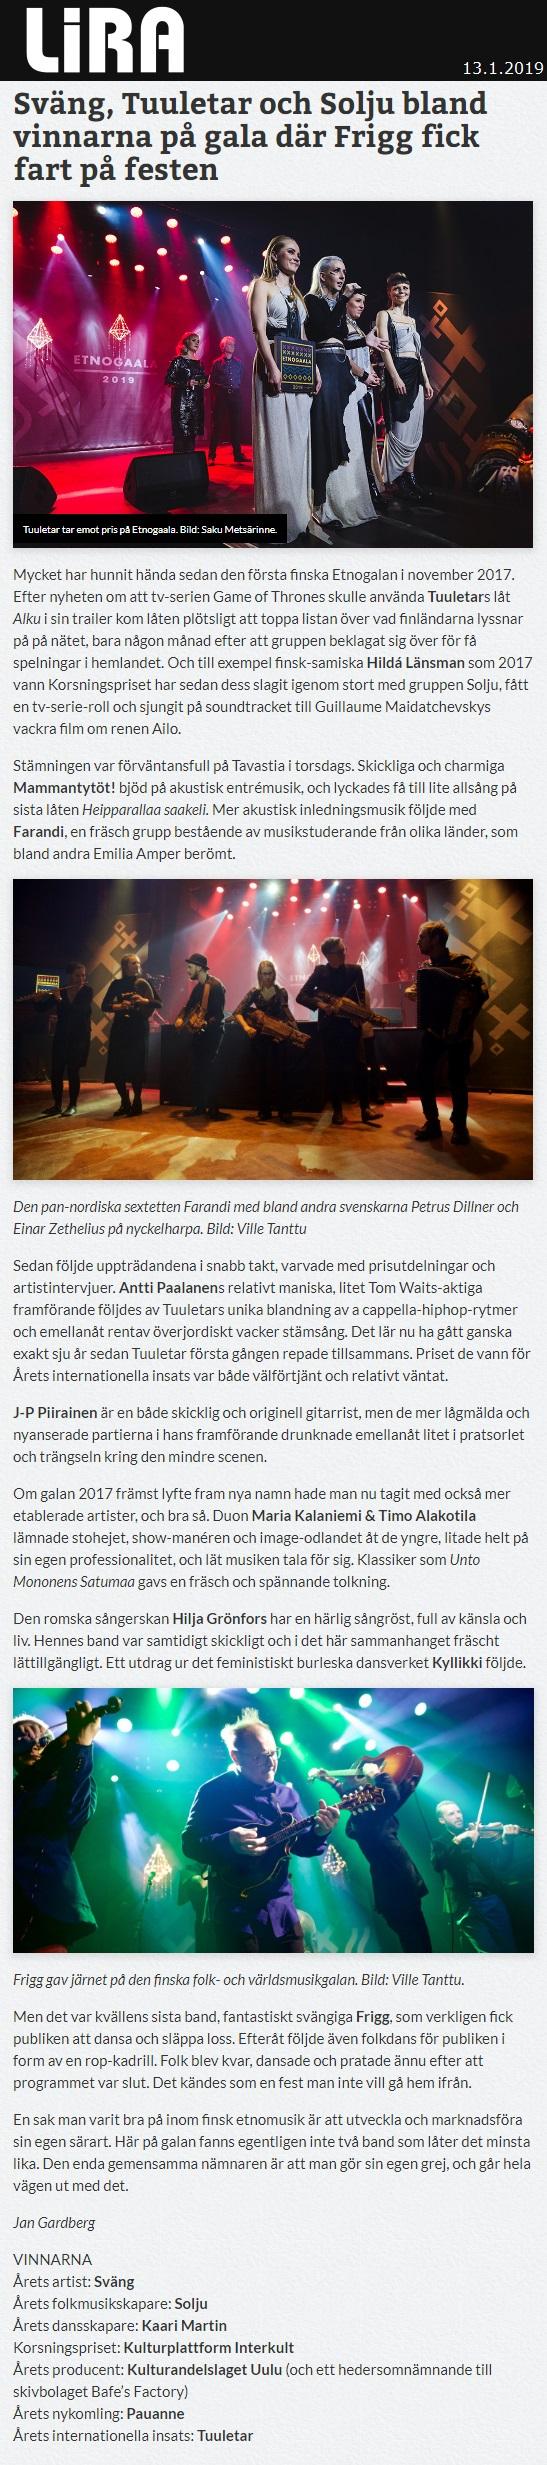 Lira Musikmagasin (Sweden), 13.1.2018